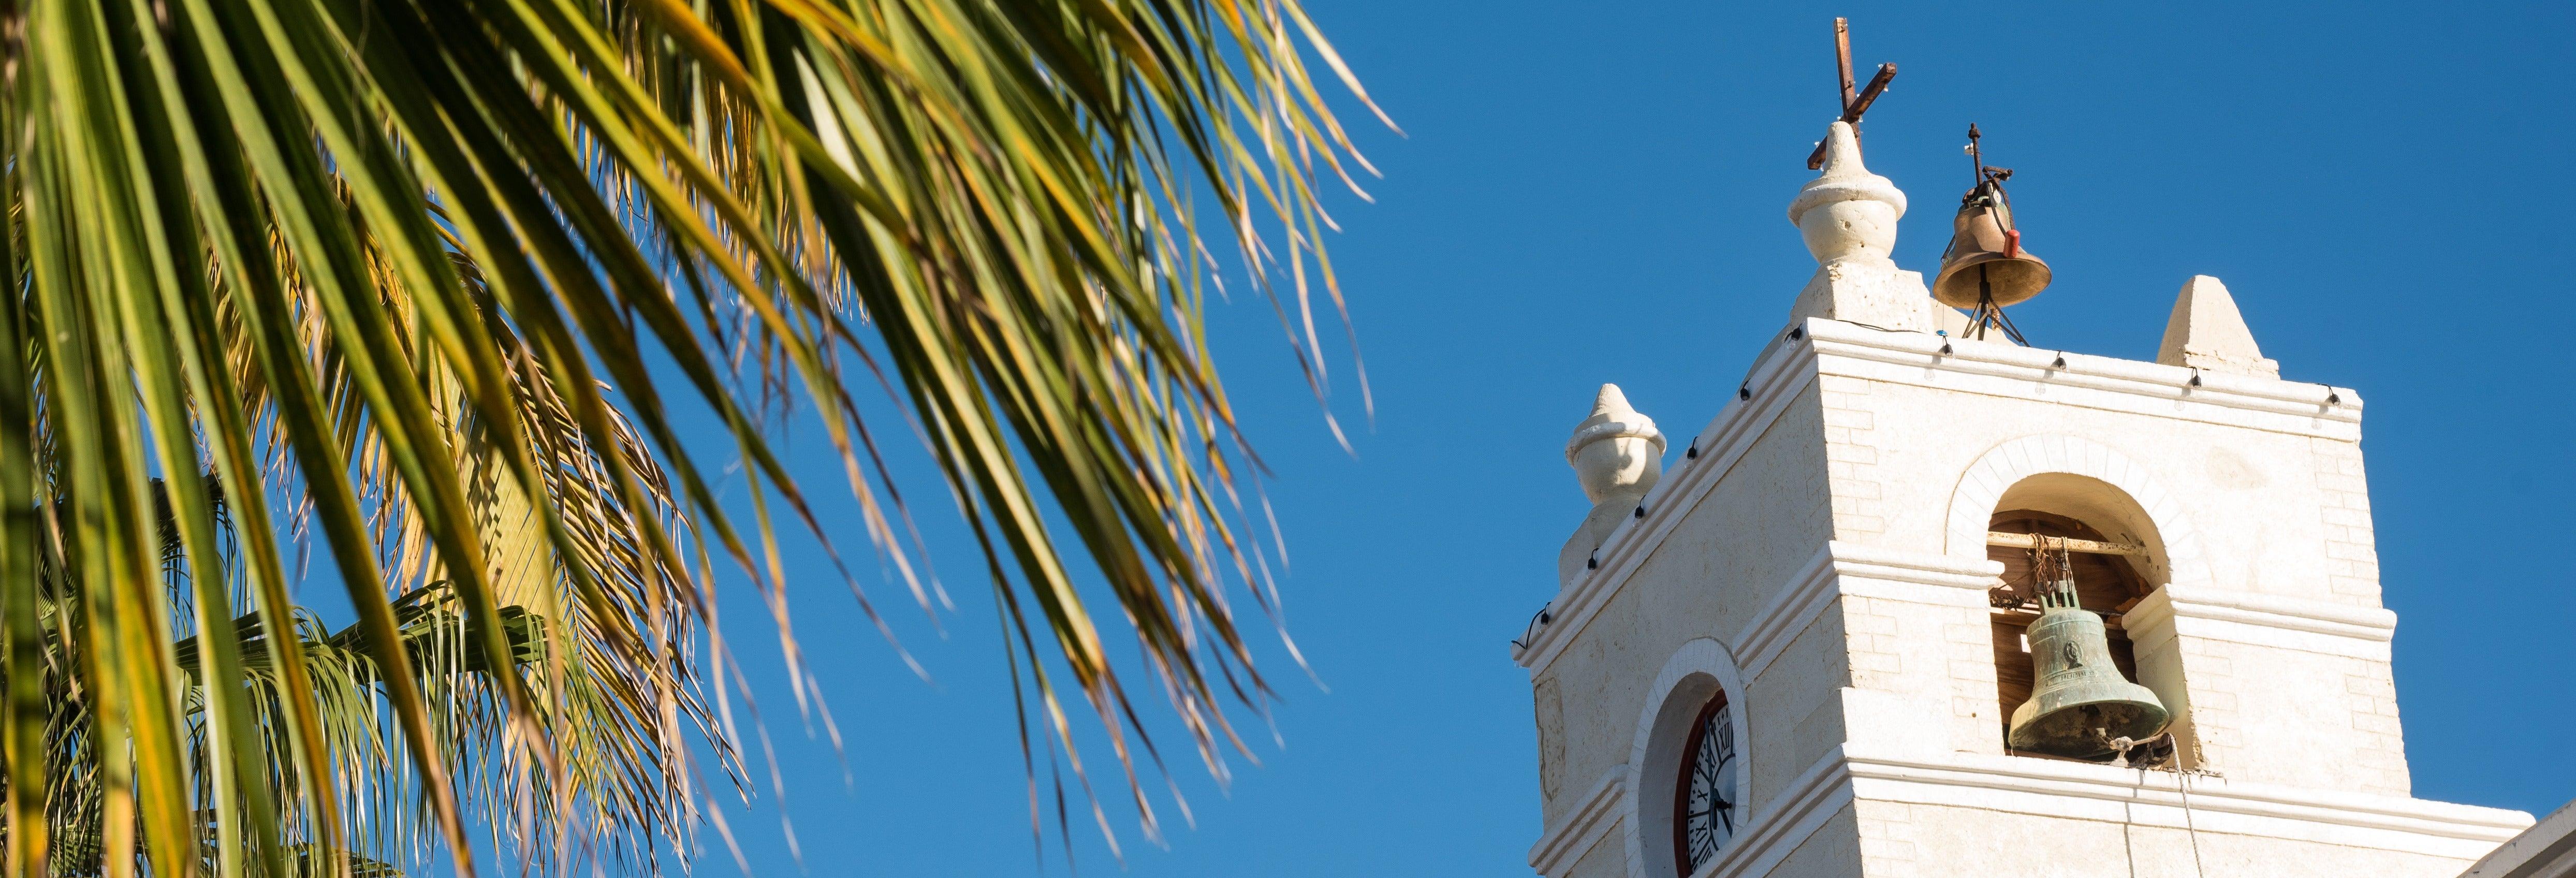 Excursão a La Paz, trópico de Câncer e Todos Santos